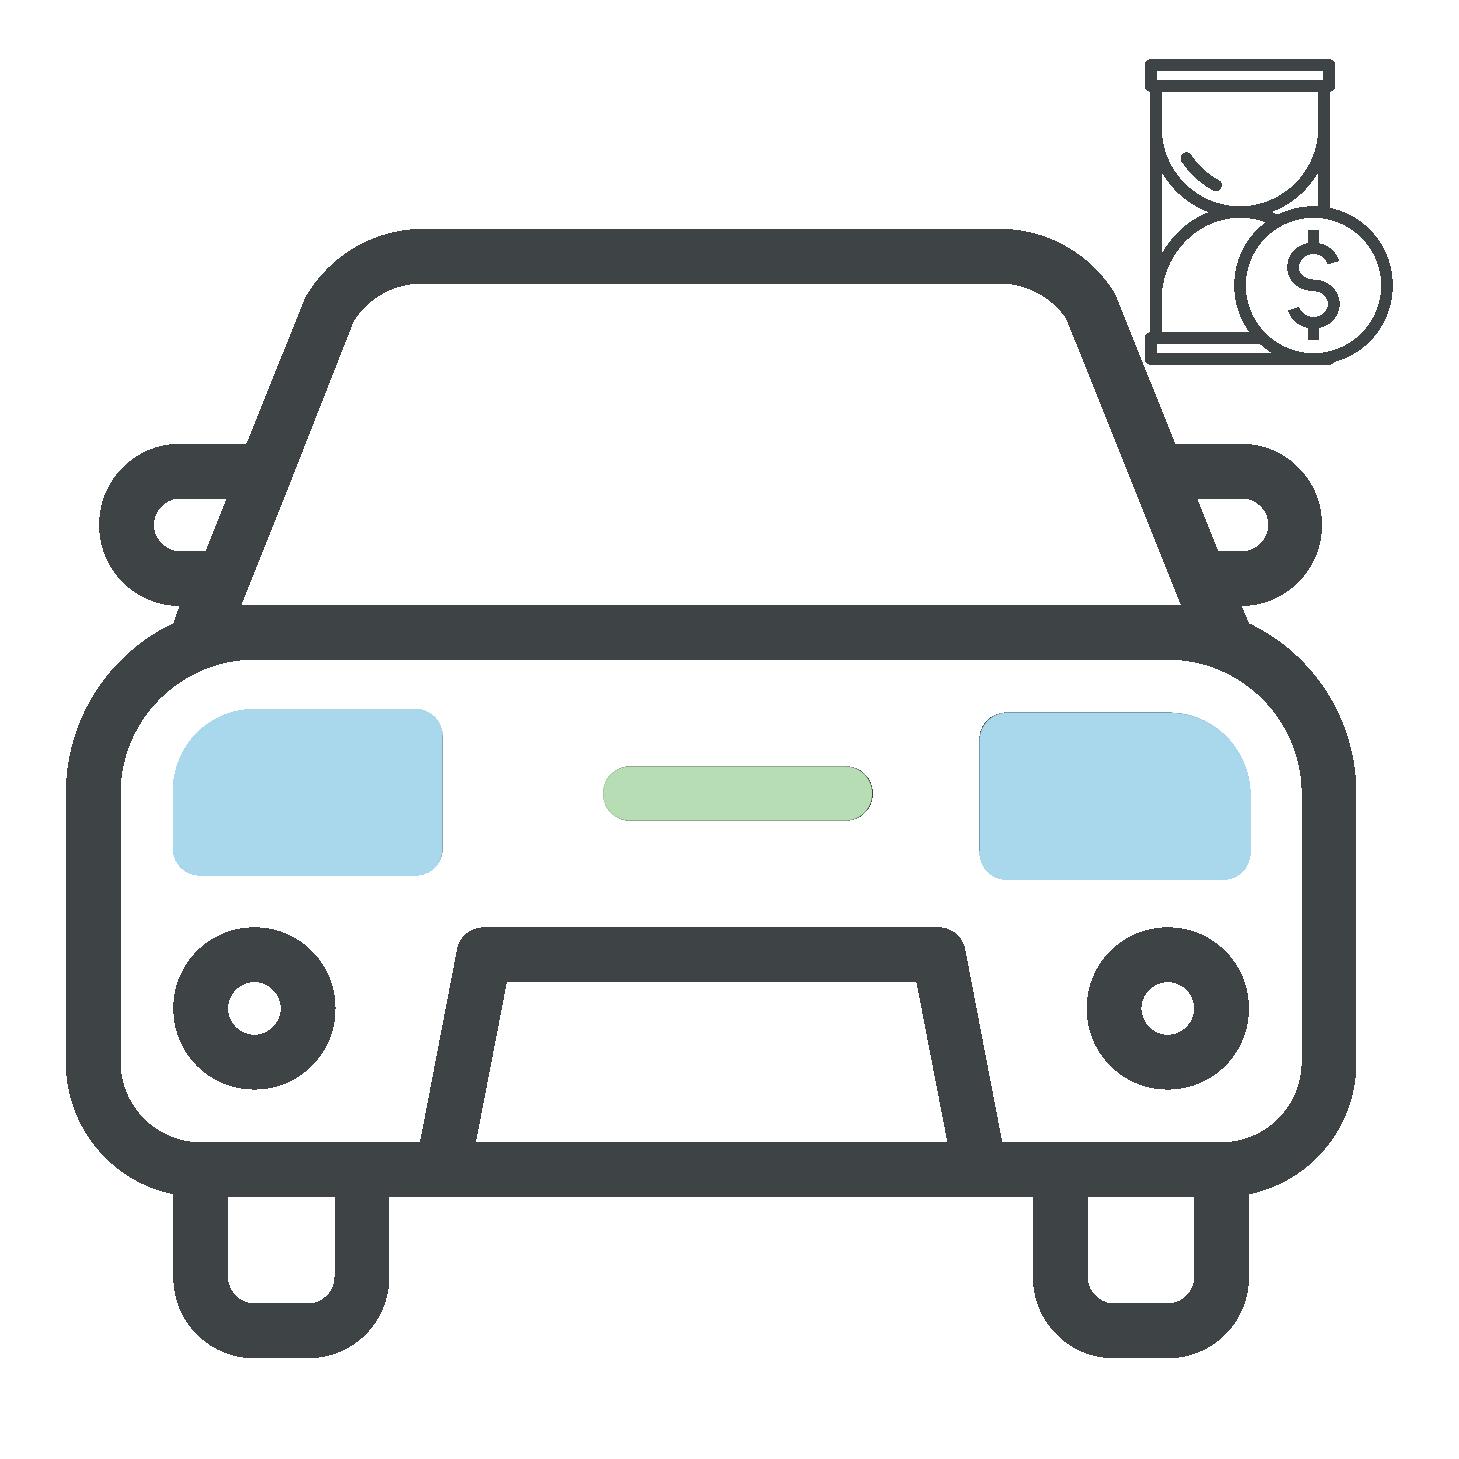 سيارات و مركبات , - اعلن مجاناً في منصة وموقع عنكبوت للاعلانات المجانية المبوبةسيارات للايجار